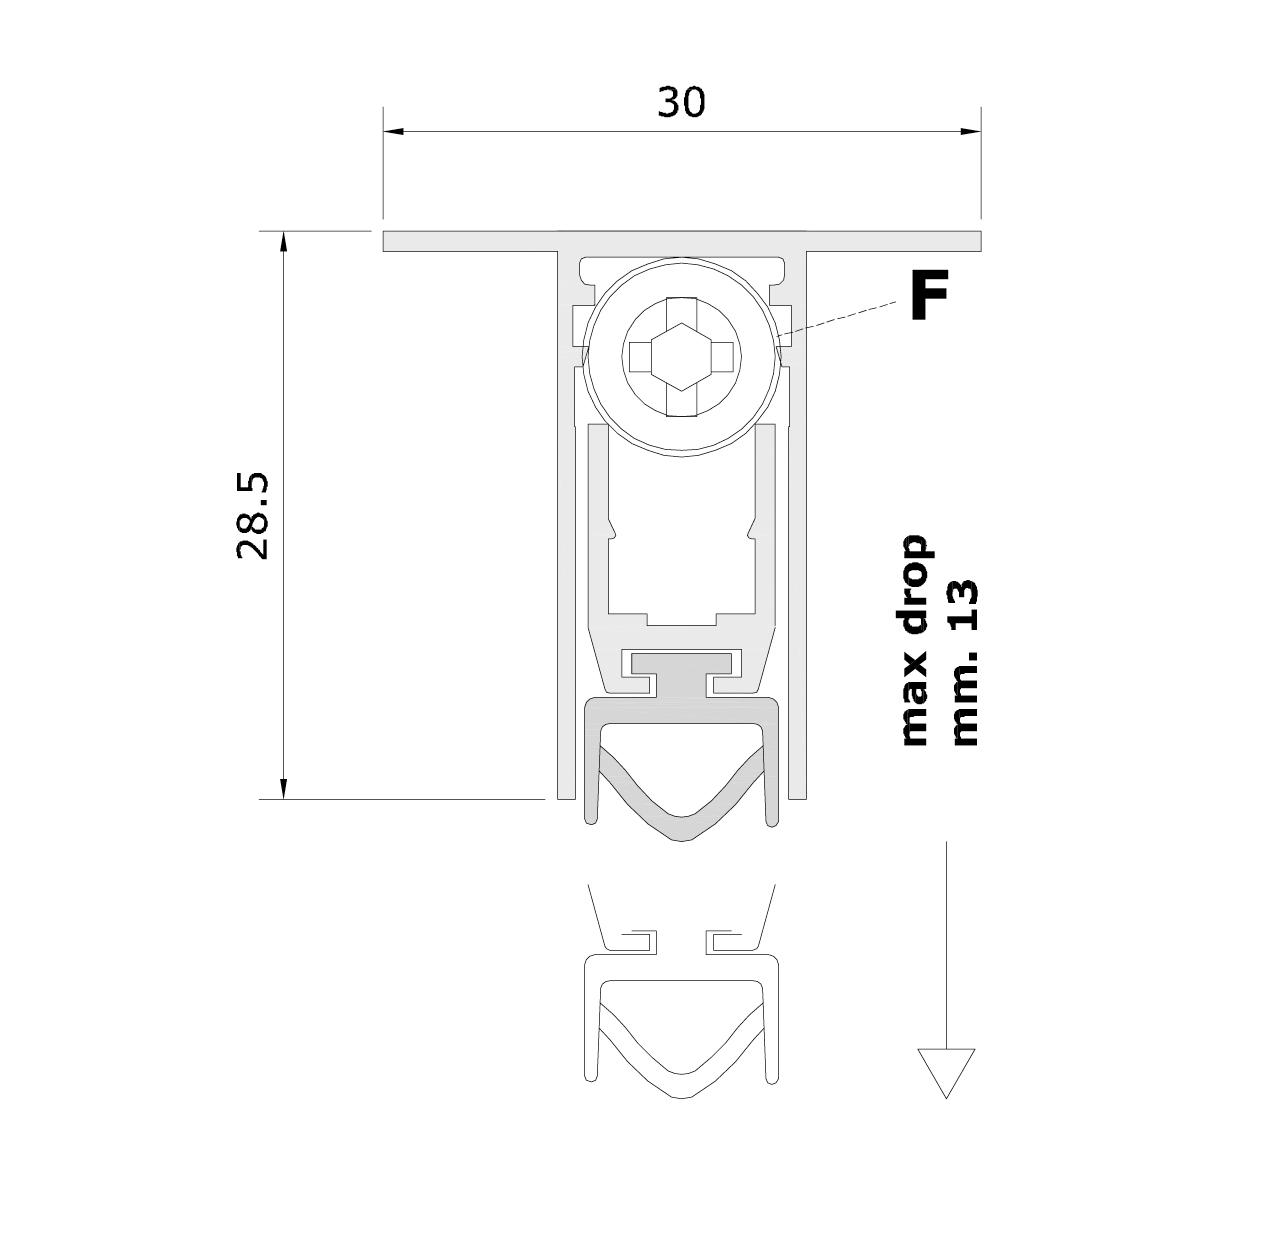 Misure standard (mm) per il paraspifferi Serie Basic 540